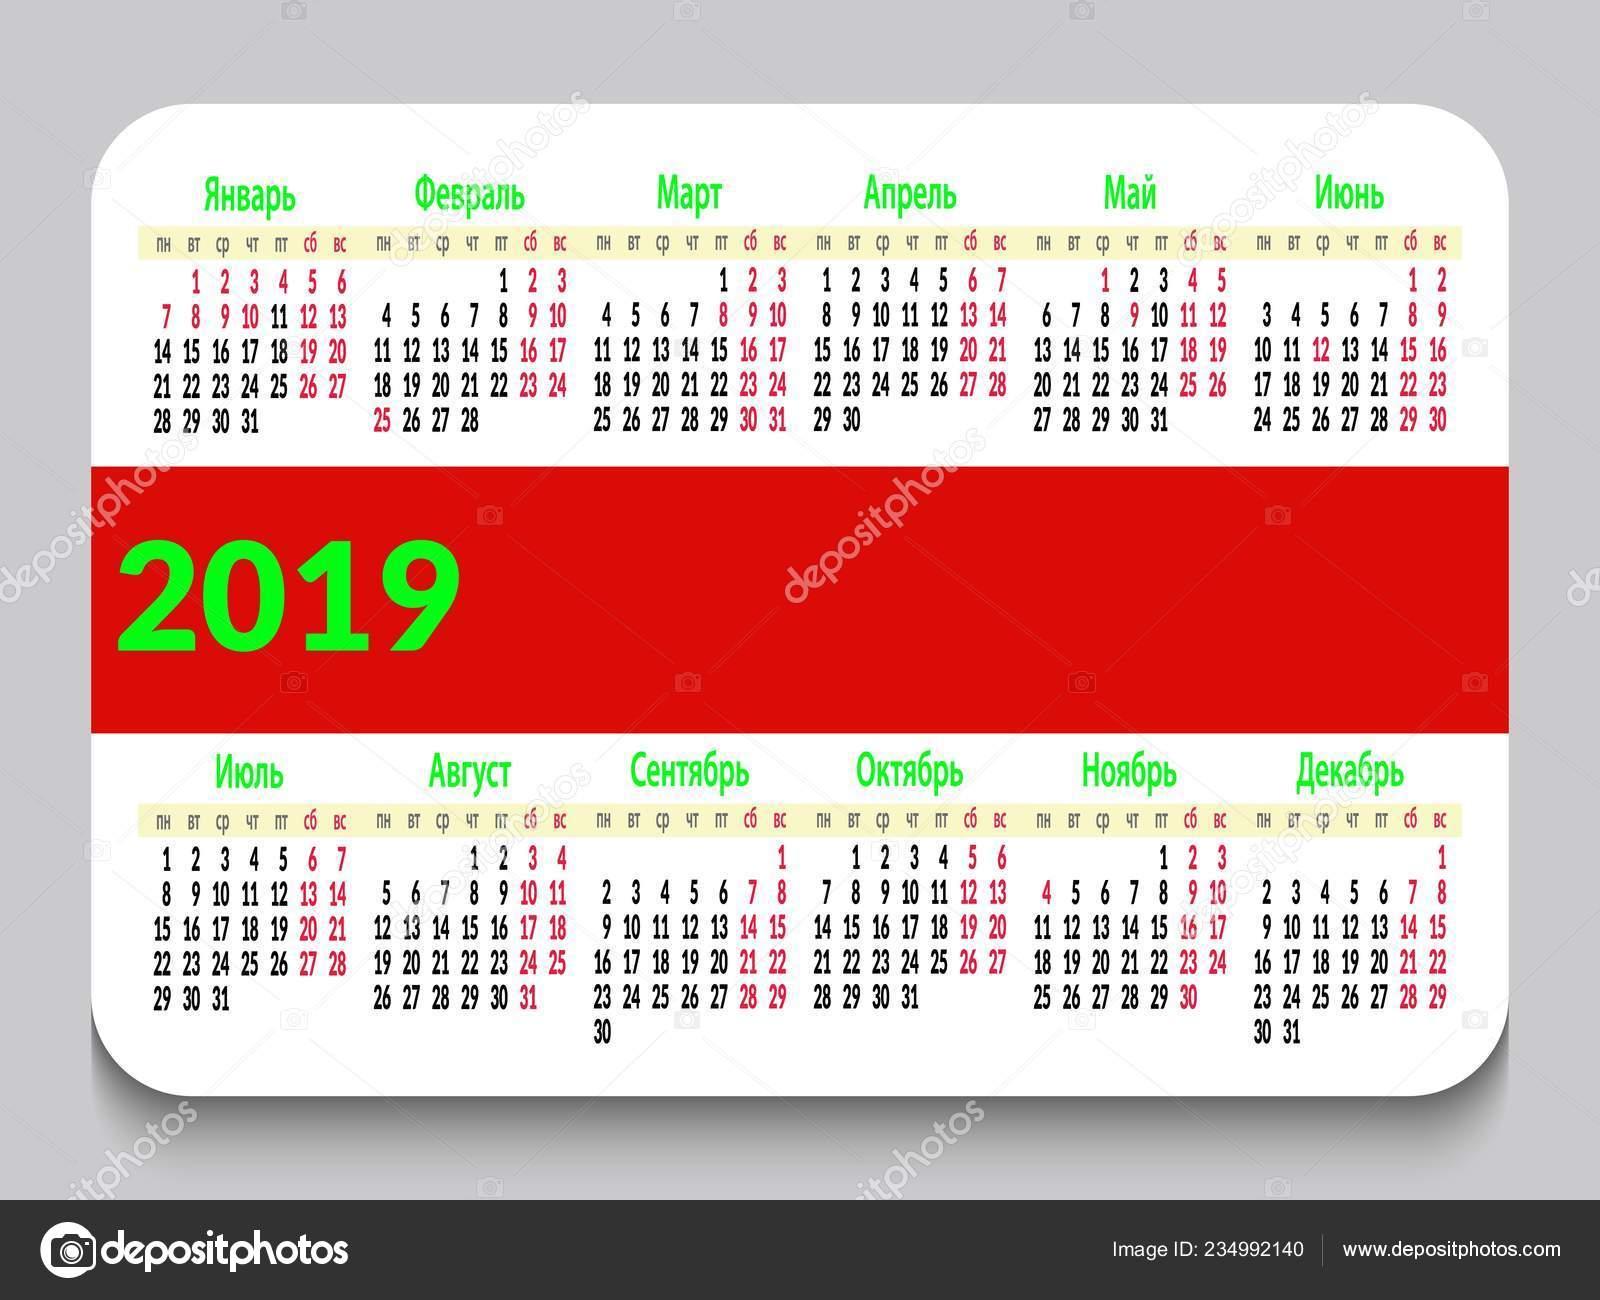 Calendario Fin De Semana 2019.Calendario Bolsillo 2019 Ruso Con Festivos Dias Fin Semana